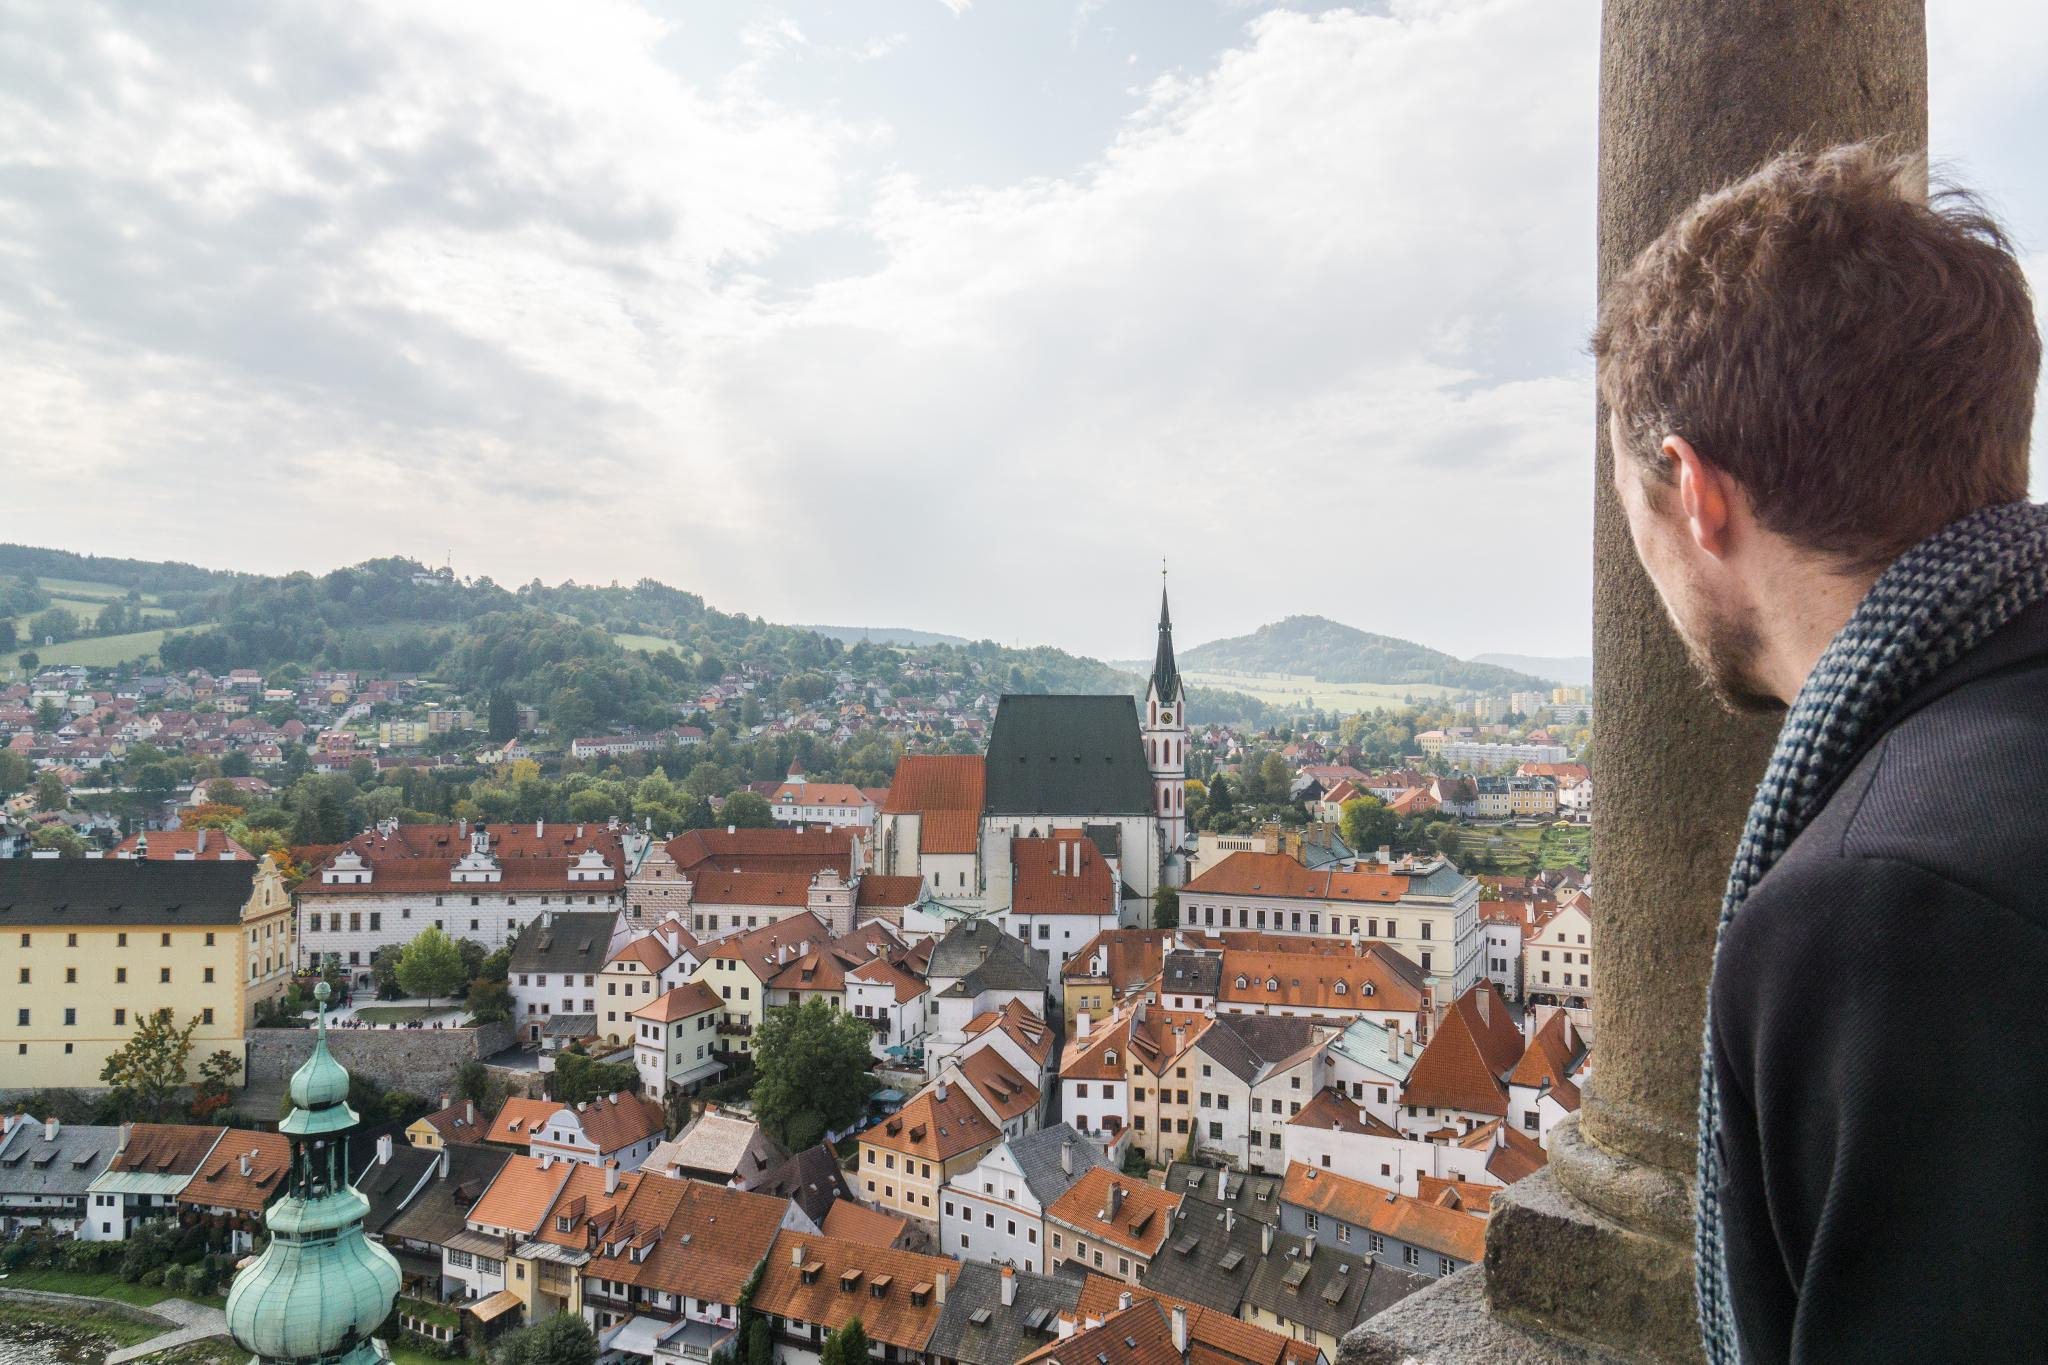 【捷克】穿越時空的波希米亞狂想曲 — Český Krumlov Castle 庫倫諾夫城堡 10